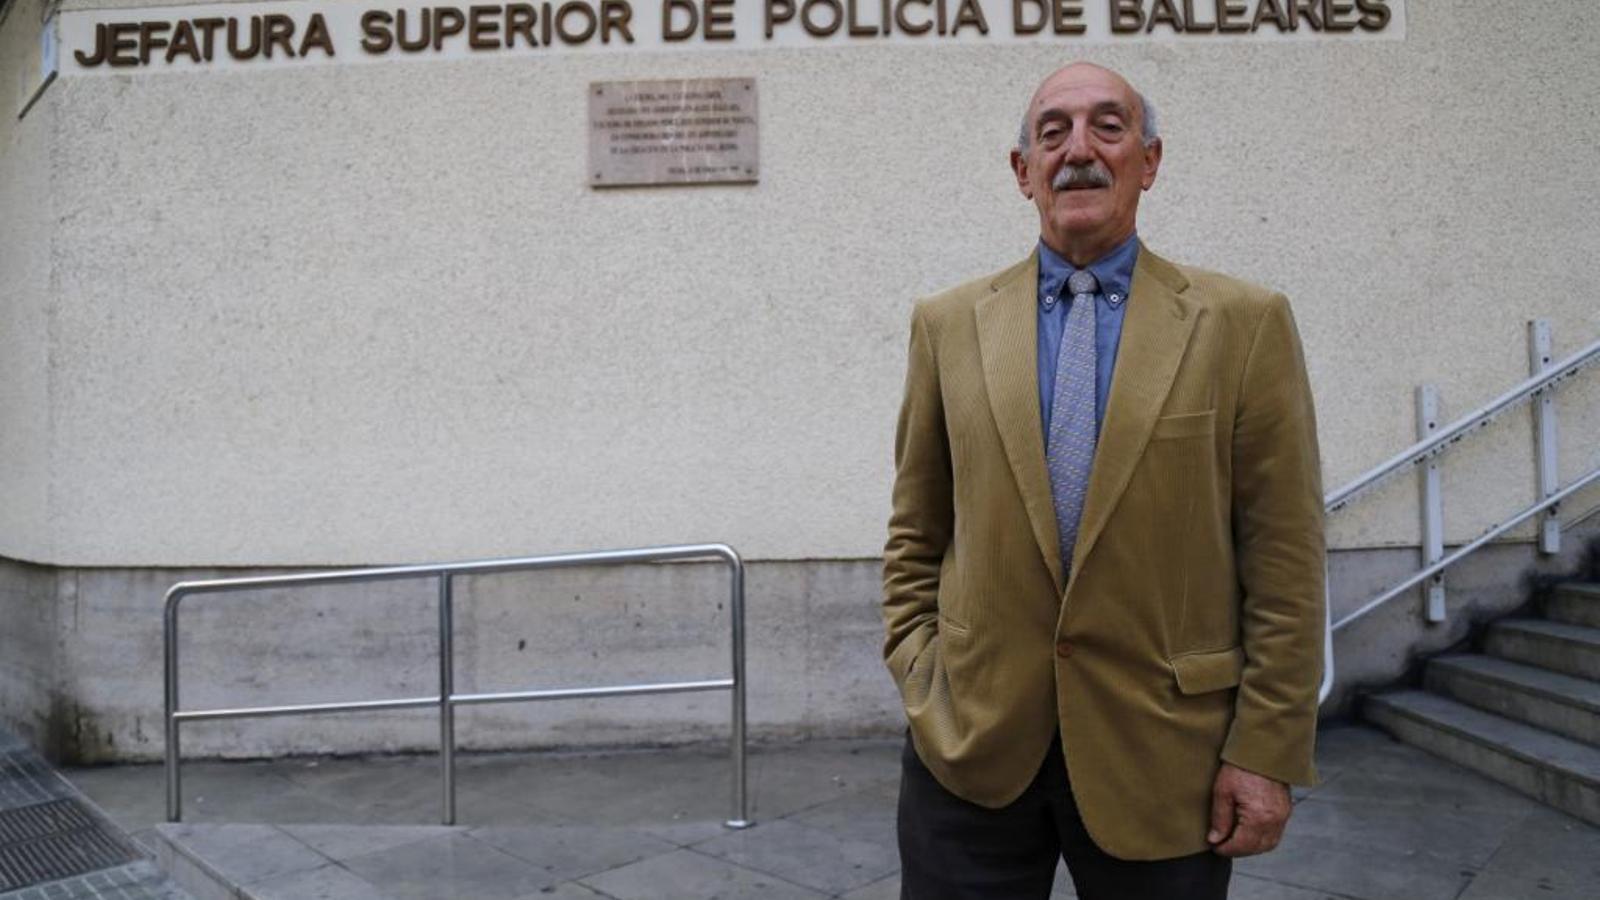 L'excap policial, Antoni Cerdà, nega haver cobrat suborns de narcotraficants